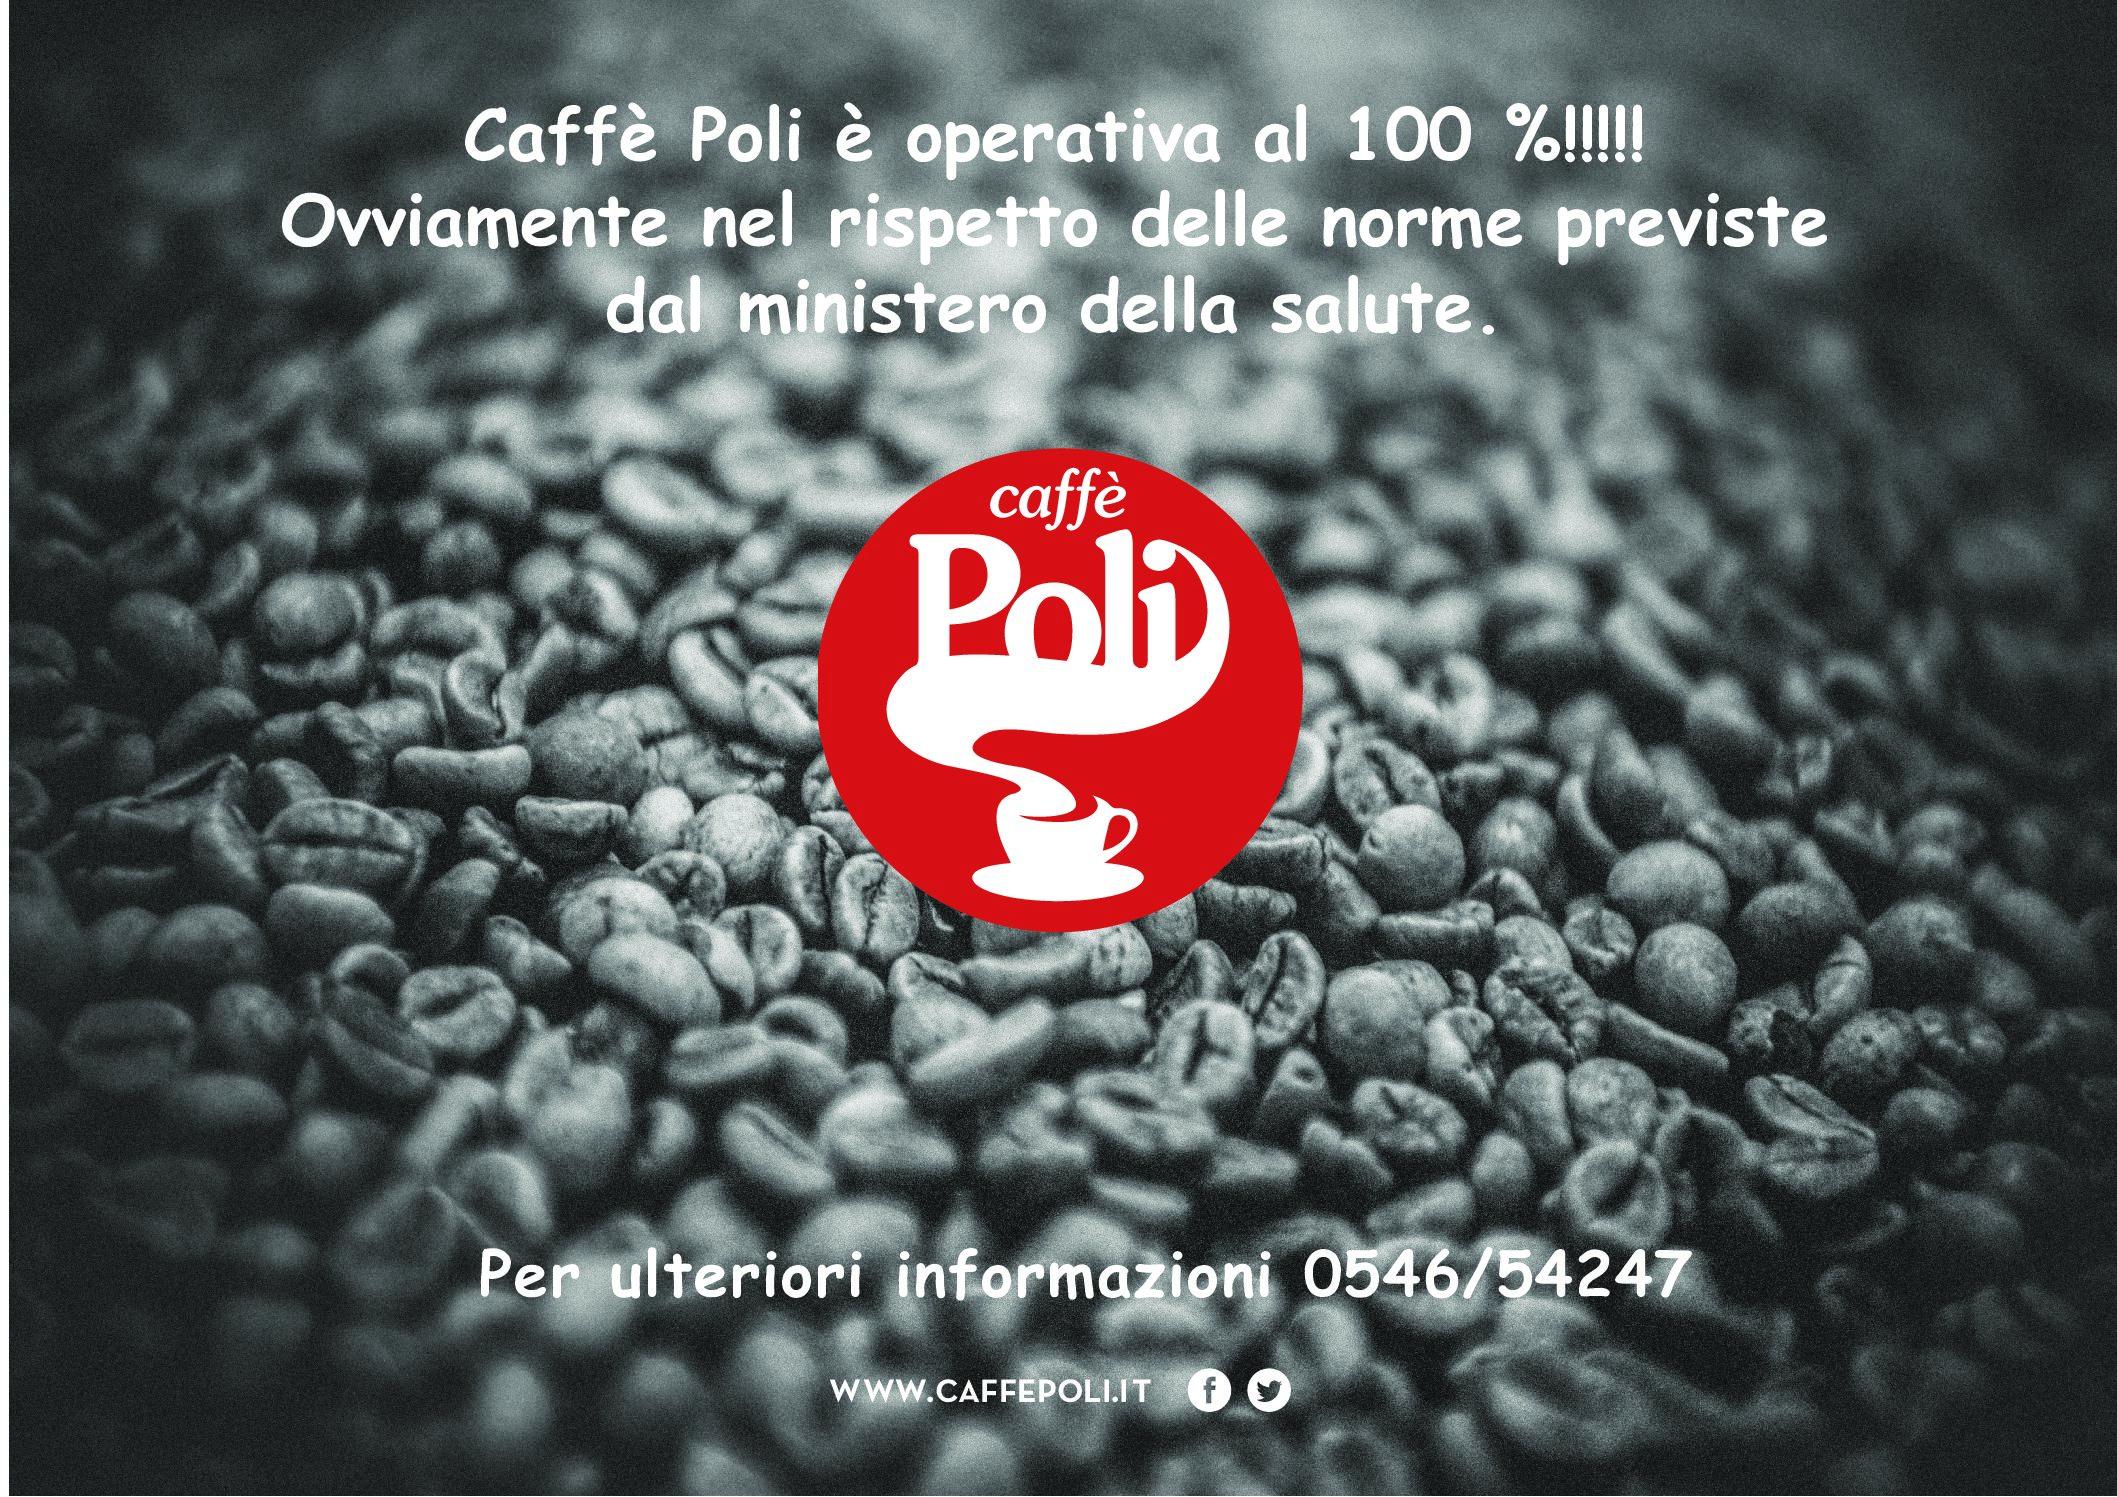 Caffè poli è operativa al 100%